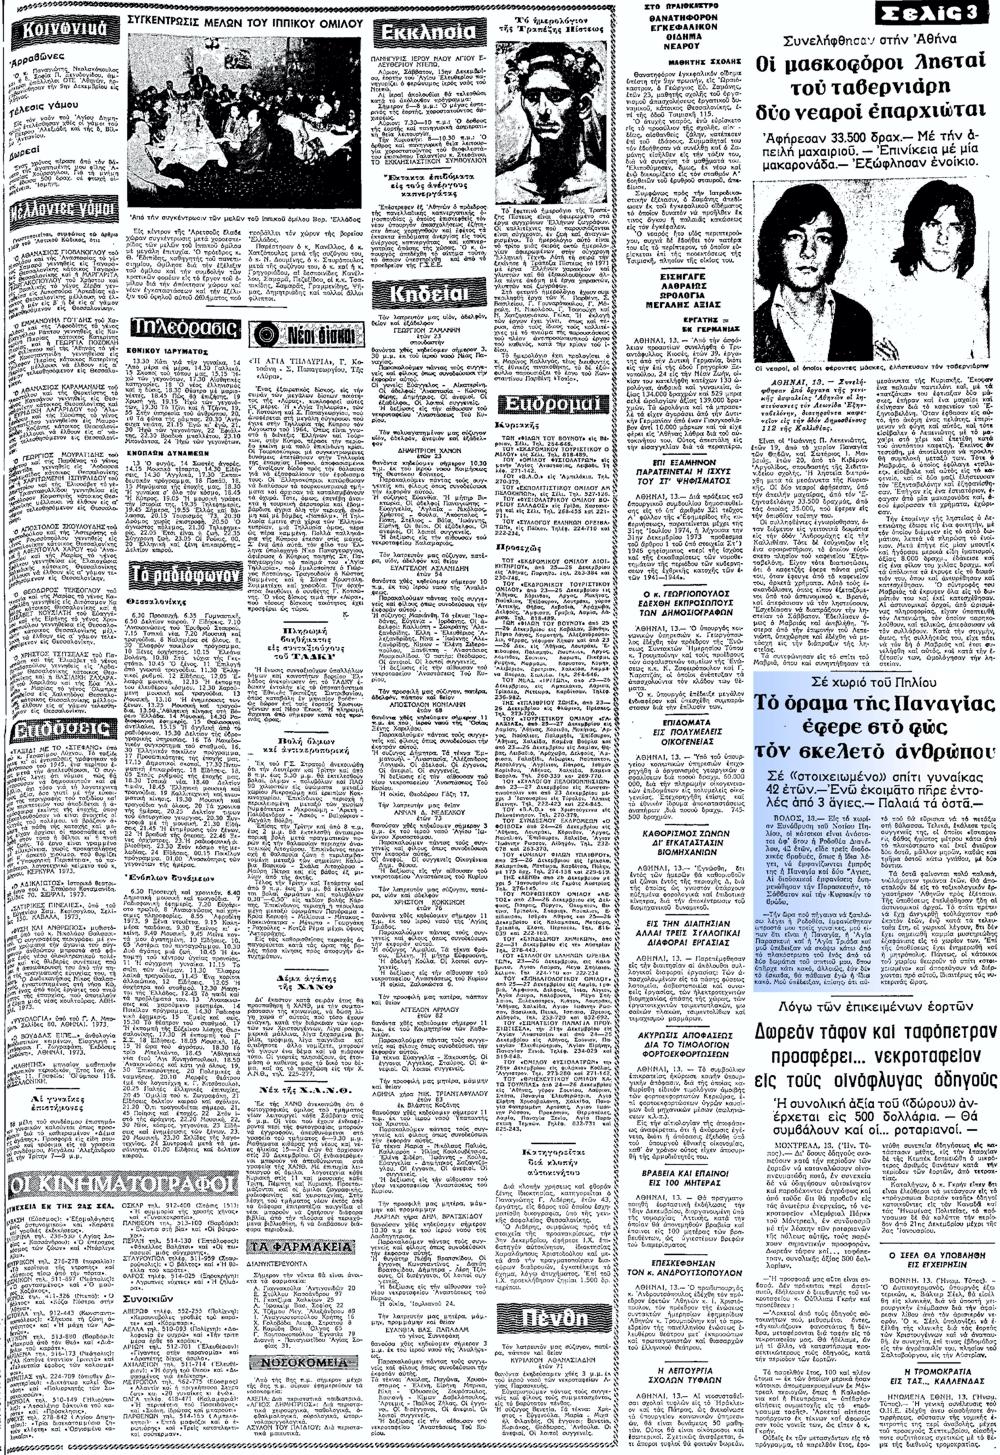 """Το άρθρο, όπως δημοσιεύθηκε στην εφημερίδα """"ΜΑΚΕΔΟΝΙΑ"""", στις 14/12/1973"""